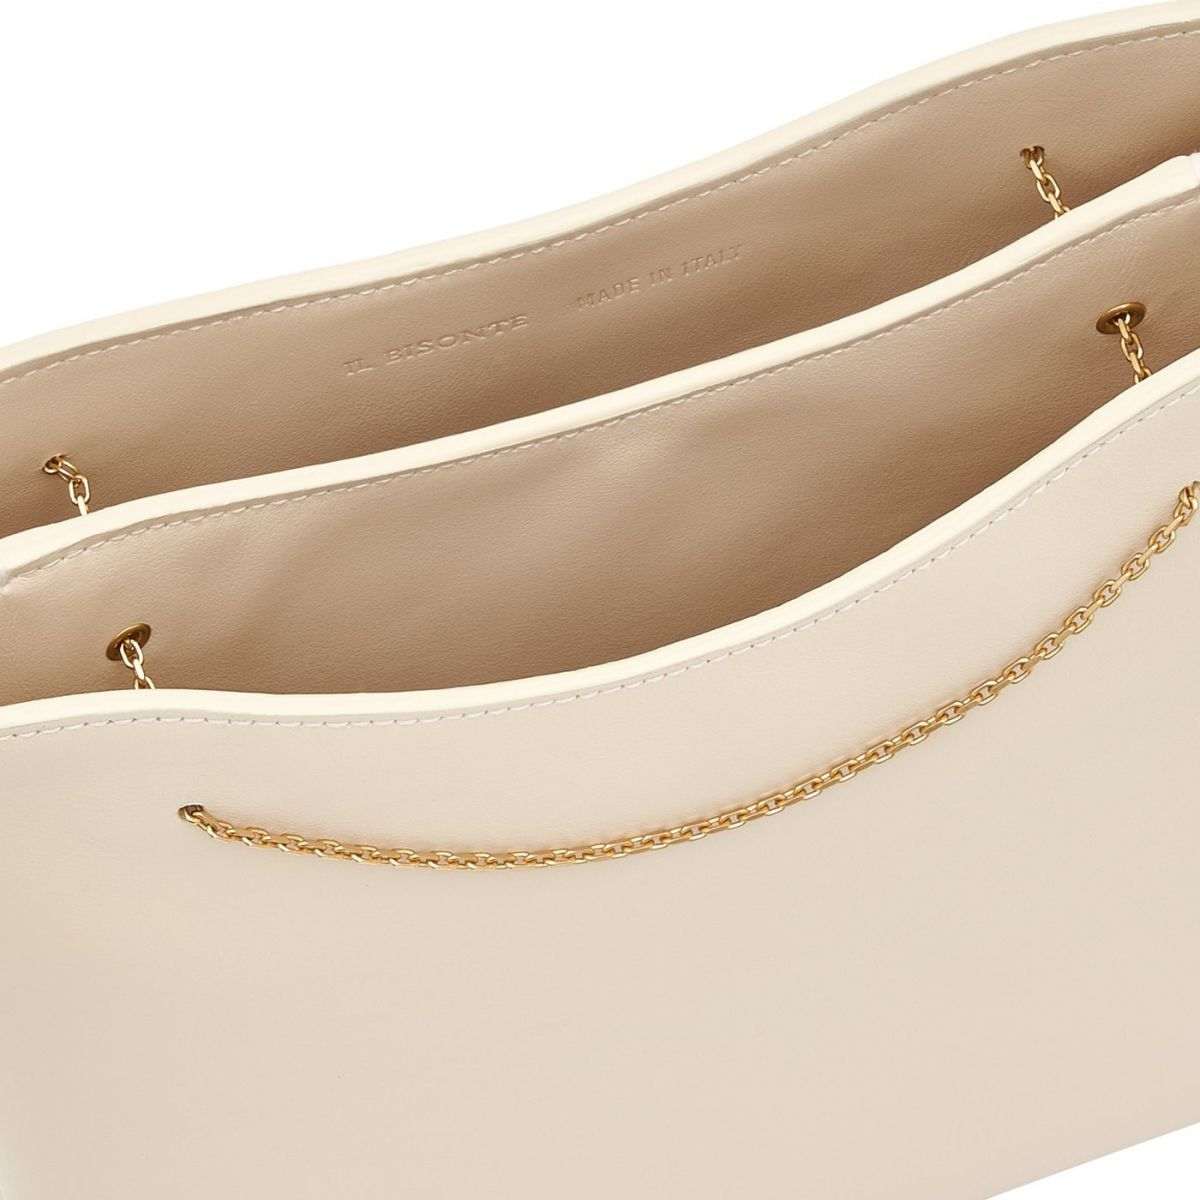 Giglio - Sac Epaule pour Femme Mediterranea en Cuir De Veau BSH132 couleur Laine | Details